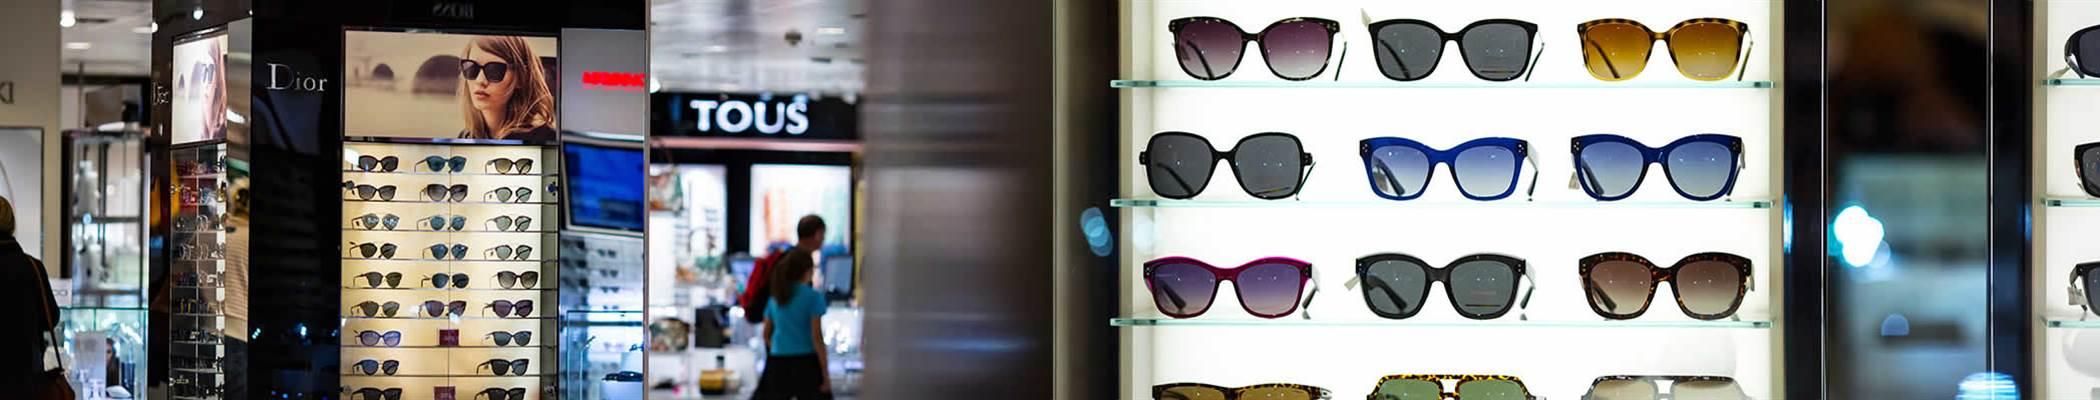 c92746c348 Ópticas en Andorra – Tienda de gafas duty free, Pyrénées